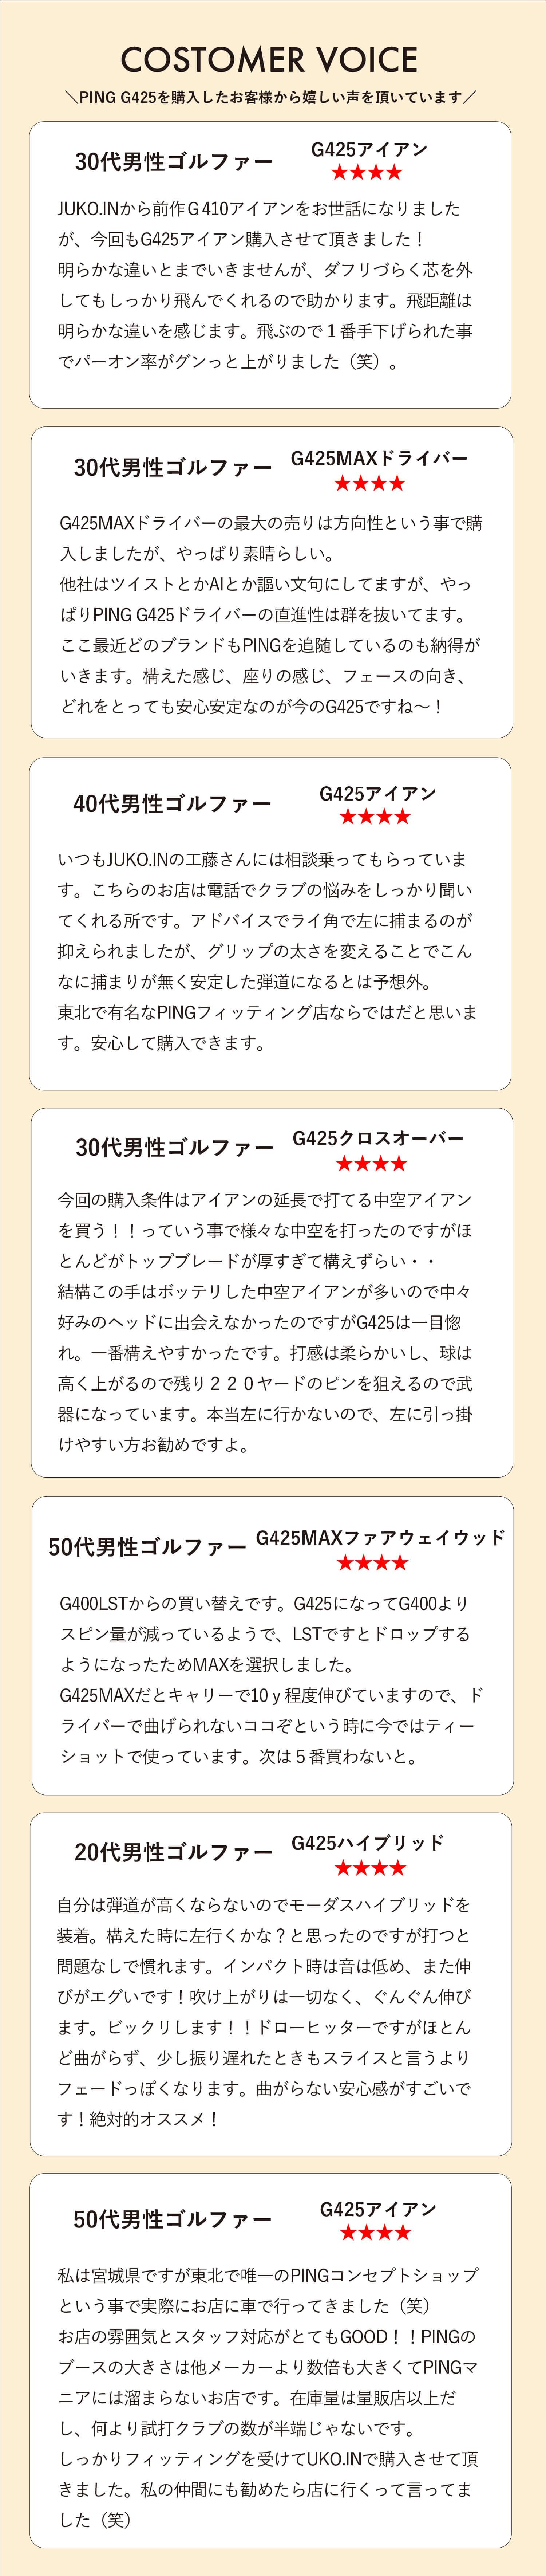 2020年度PINGフィッターオブザイヤー受賞01